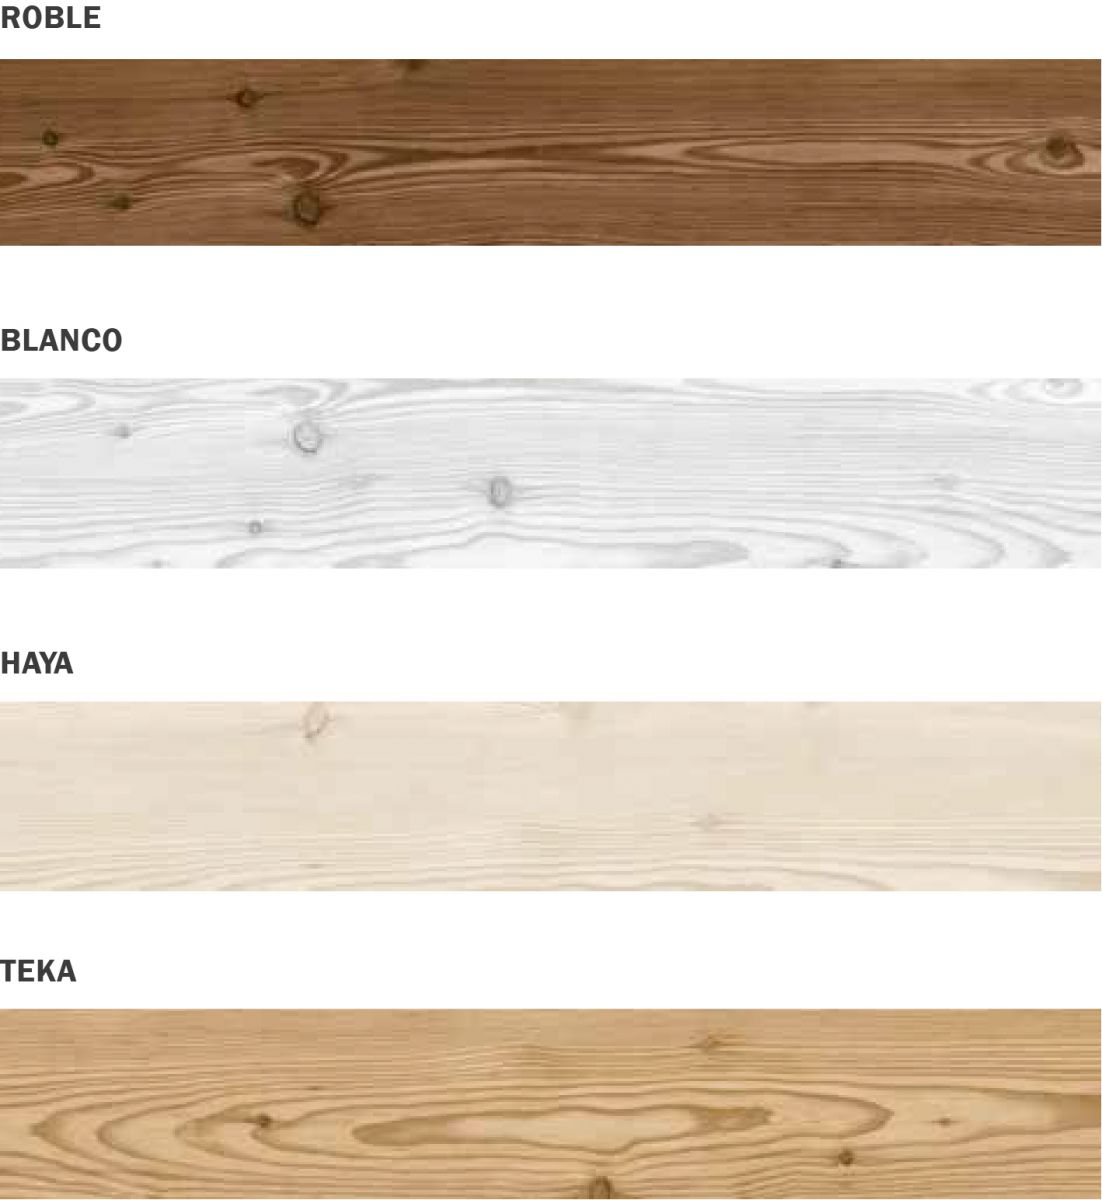 20x120 cm inwood roble topkwaliteit spaans tegels